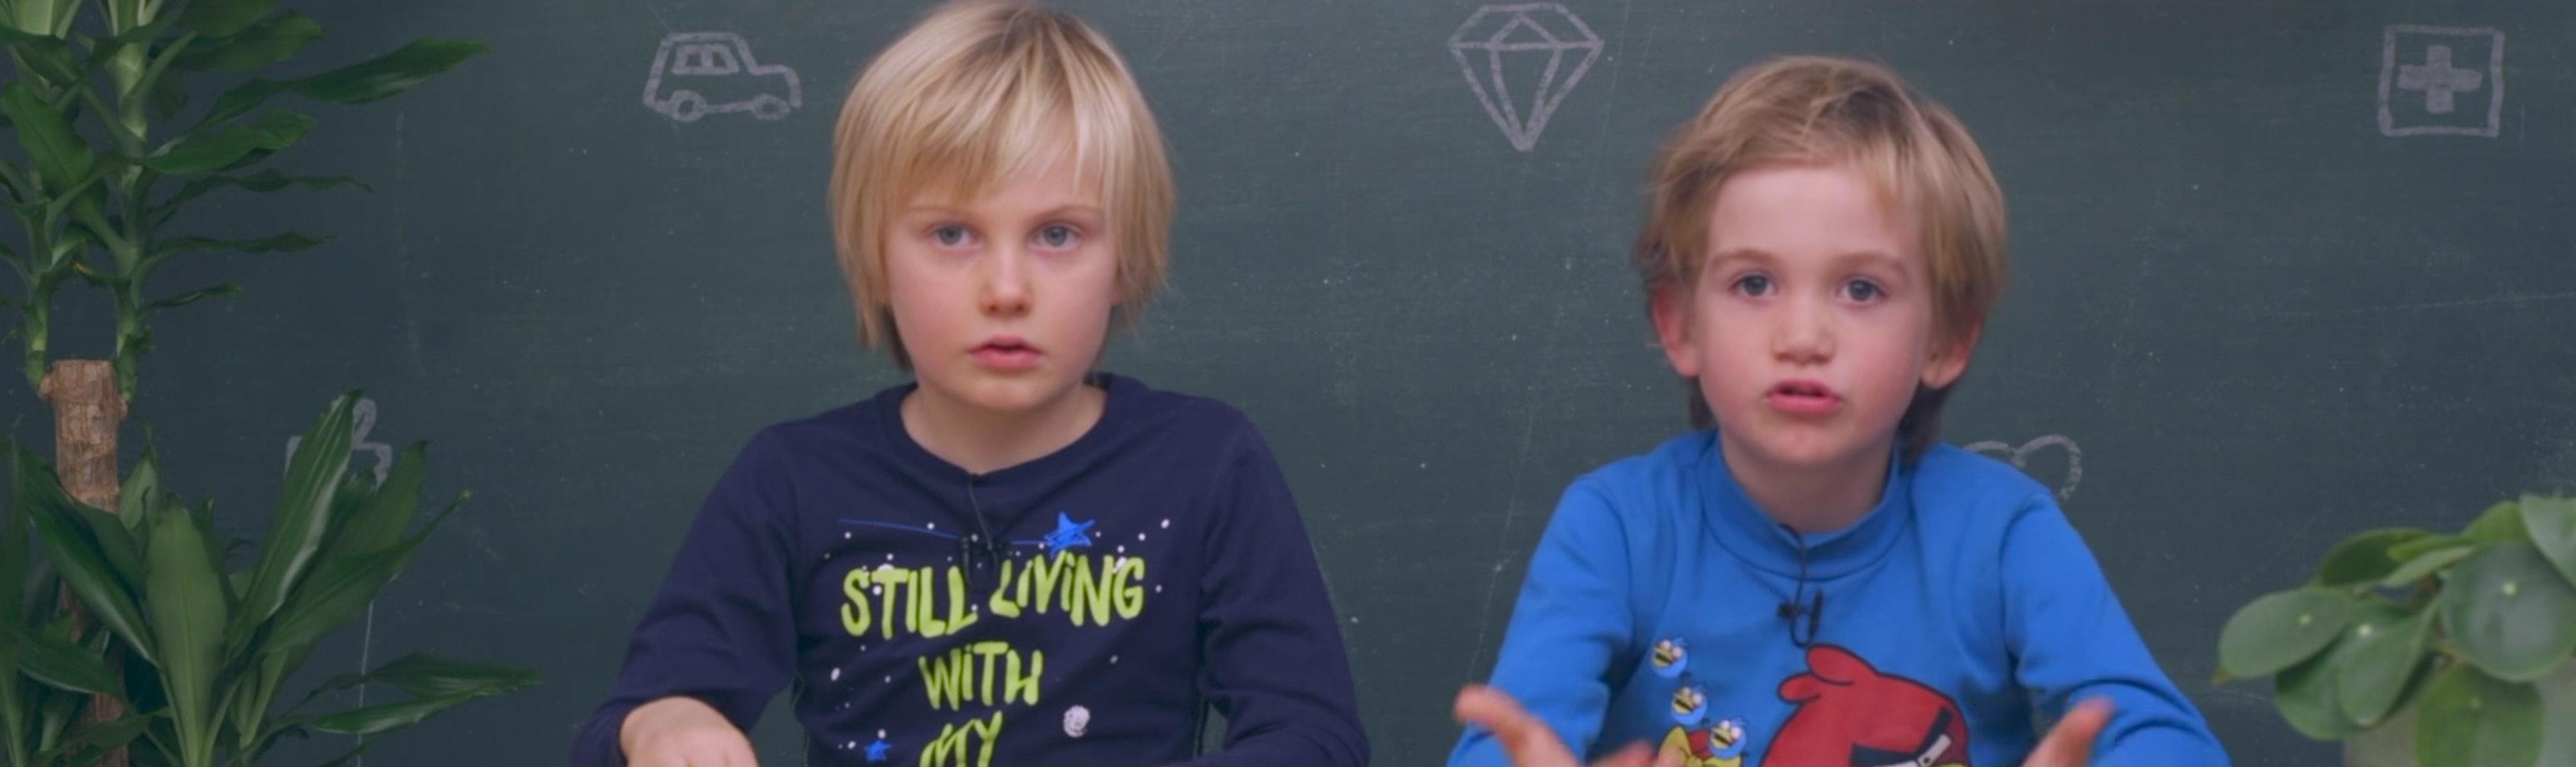 Kinderen over pechhulp